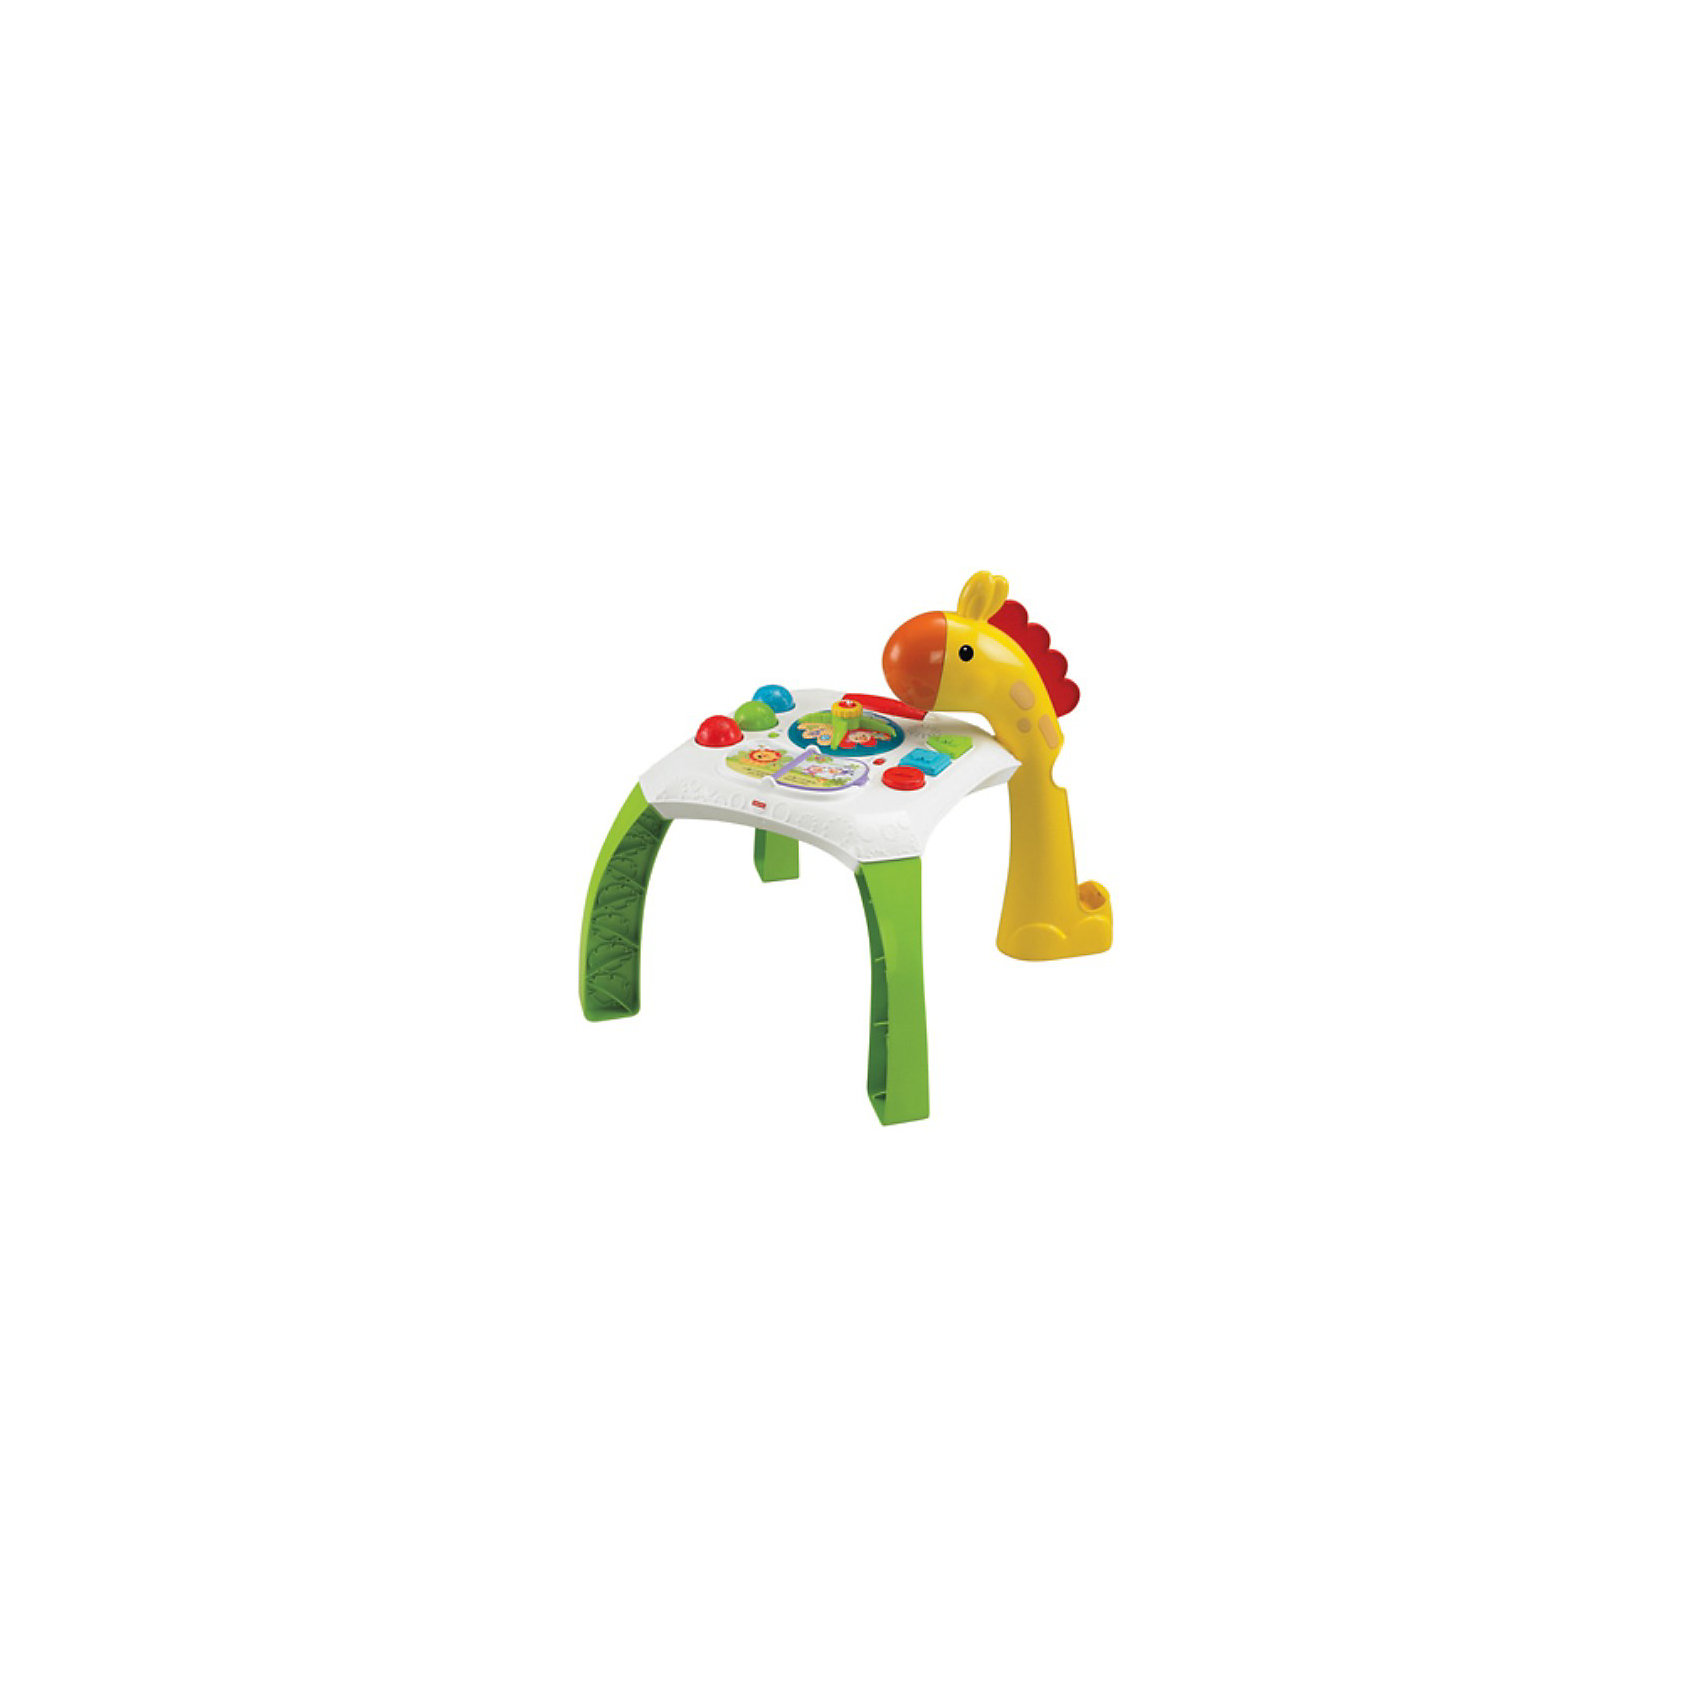 Обучающий столик Жираф, Fisher-PriceОбучающий столик Жираф, Fisher-Price - это красочная, многофункциональная игрушка, которая надолго увлечет Вашего малыша. Игрушку можно использовать как столик, за которым малыш играет сидя или стоя, или сняв столешницу, играть с ней отдельно. На игровой панели ребенок найдет множество занимательных деталей и игрушек: книжку с красочными картинками можно листать, нажимая на яркие разноцветные кнопки в виде геометрических фигур и вращая крутящийся волчок в центре стола малыш активирует веселые огоньки, звуки и музыку. <br><br>К столику крепится съемная фигурка забавного жирафа, с помощью которой можно поиграть в веселую игру: на спинке жирафа есть желобок, в который надо ловко бросать мячики (входят в комплект). Жираф также обладает световыми и звуковыми эффектами: издает звуки и мелодии и светится. Столик легко собирается и разбирается, ножки прочно крепятся к столешнице. Обучающий столик способствует развитию звукового и цветового восприятия, координации движений и мелкой моторики рук.<br><br>Дополнительная информация:<br><br>- Материал: пластик.<br>- Требуются батарейки: 3 х АА (не входят в комплект). <br>- Размер упаковки: 55,5 х 12,5 х 40,5 см.<br>- Вес: 2,56 кг. <br><br>Обучающий столик Жираф, Fisher-Price (Фишер-Прайс) можно купить в нашем интернет-магазине.<br><br>Ширина мм: 568<br>Глубина мм: 410<br>Высота мм: 137<br>Вес г: 2321<br>Возраст от месяцев: 6<br>Возраст до месяцев: 36<br>Пол: Унисекс<br>Возраст: Детский<br>SKU: 3784257